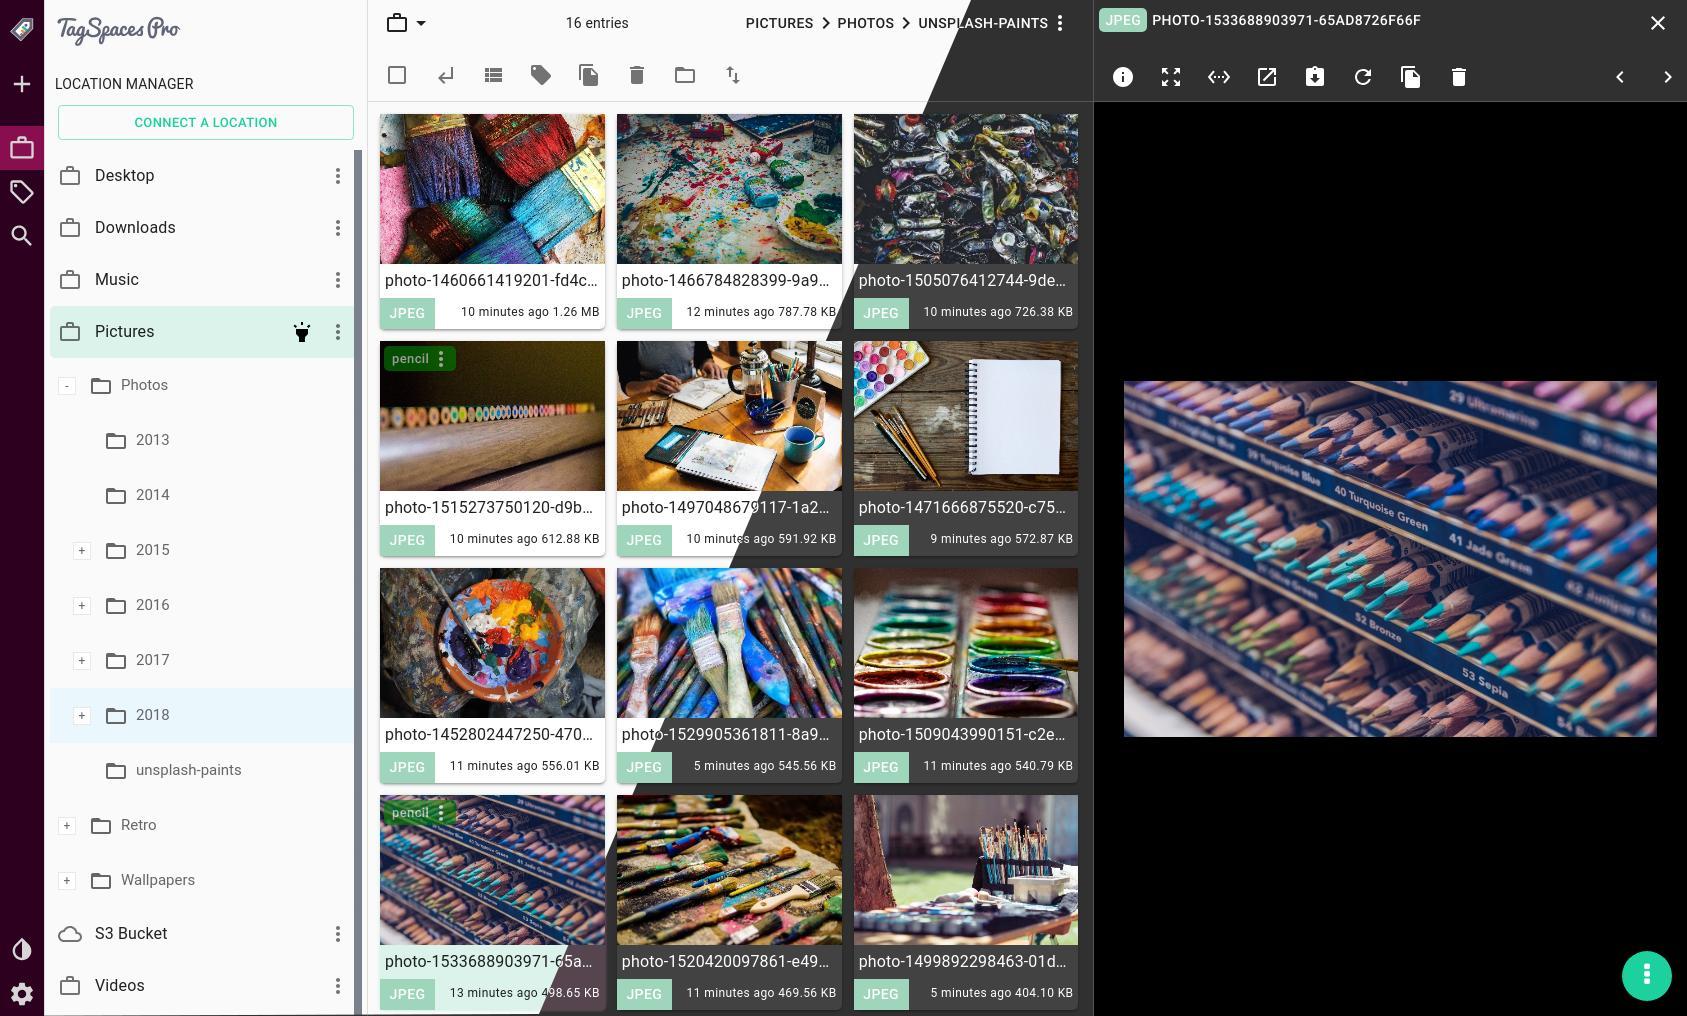 TagSpaces Desktop